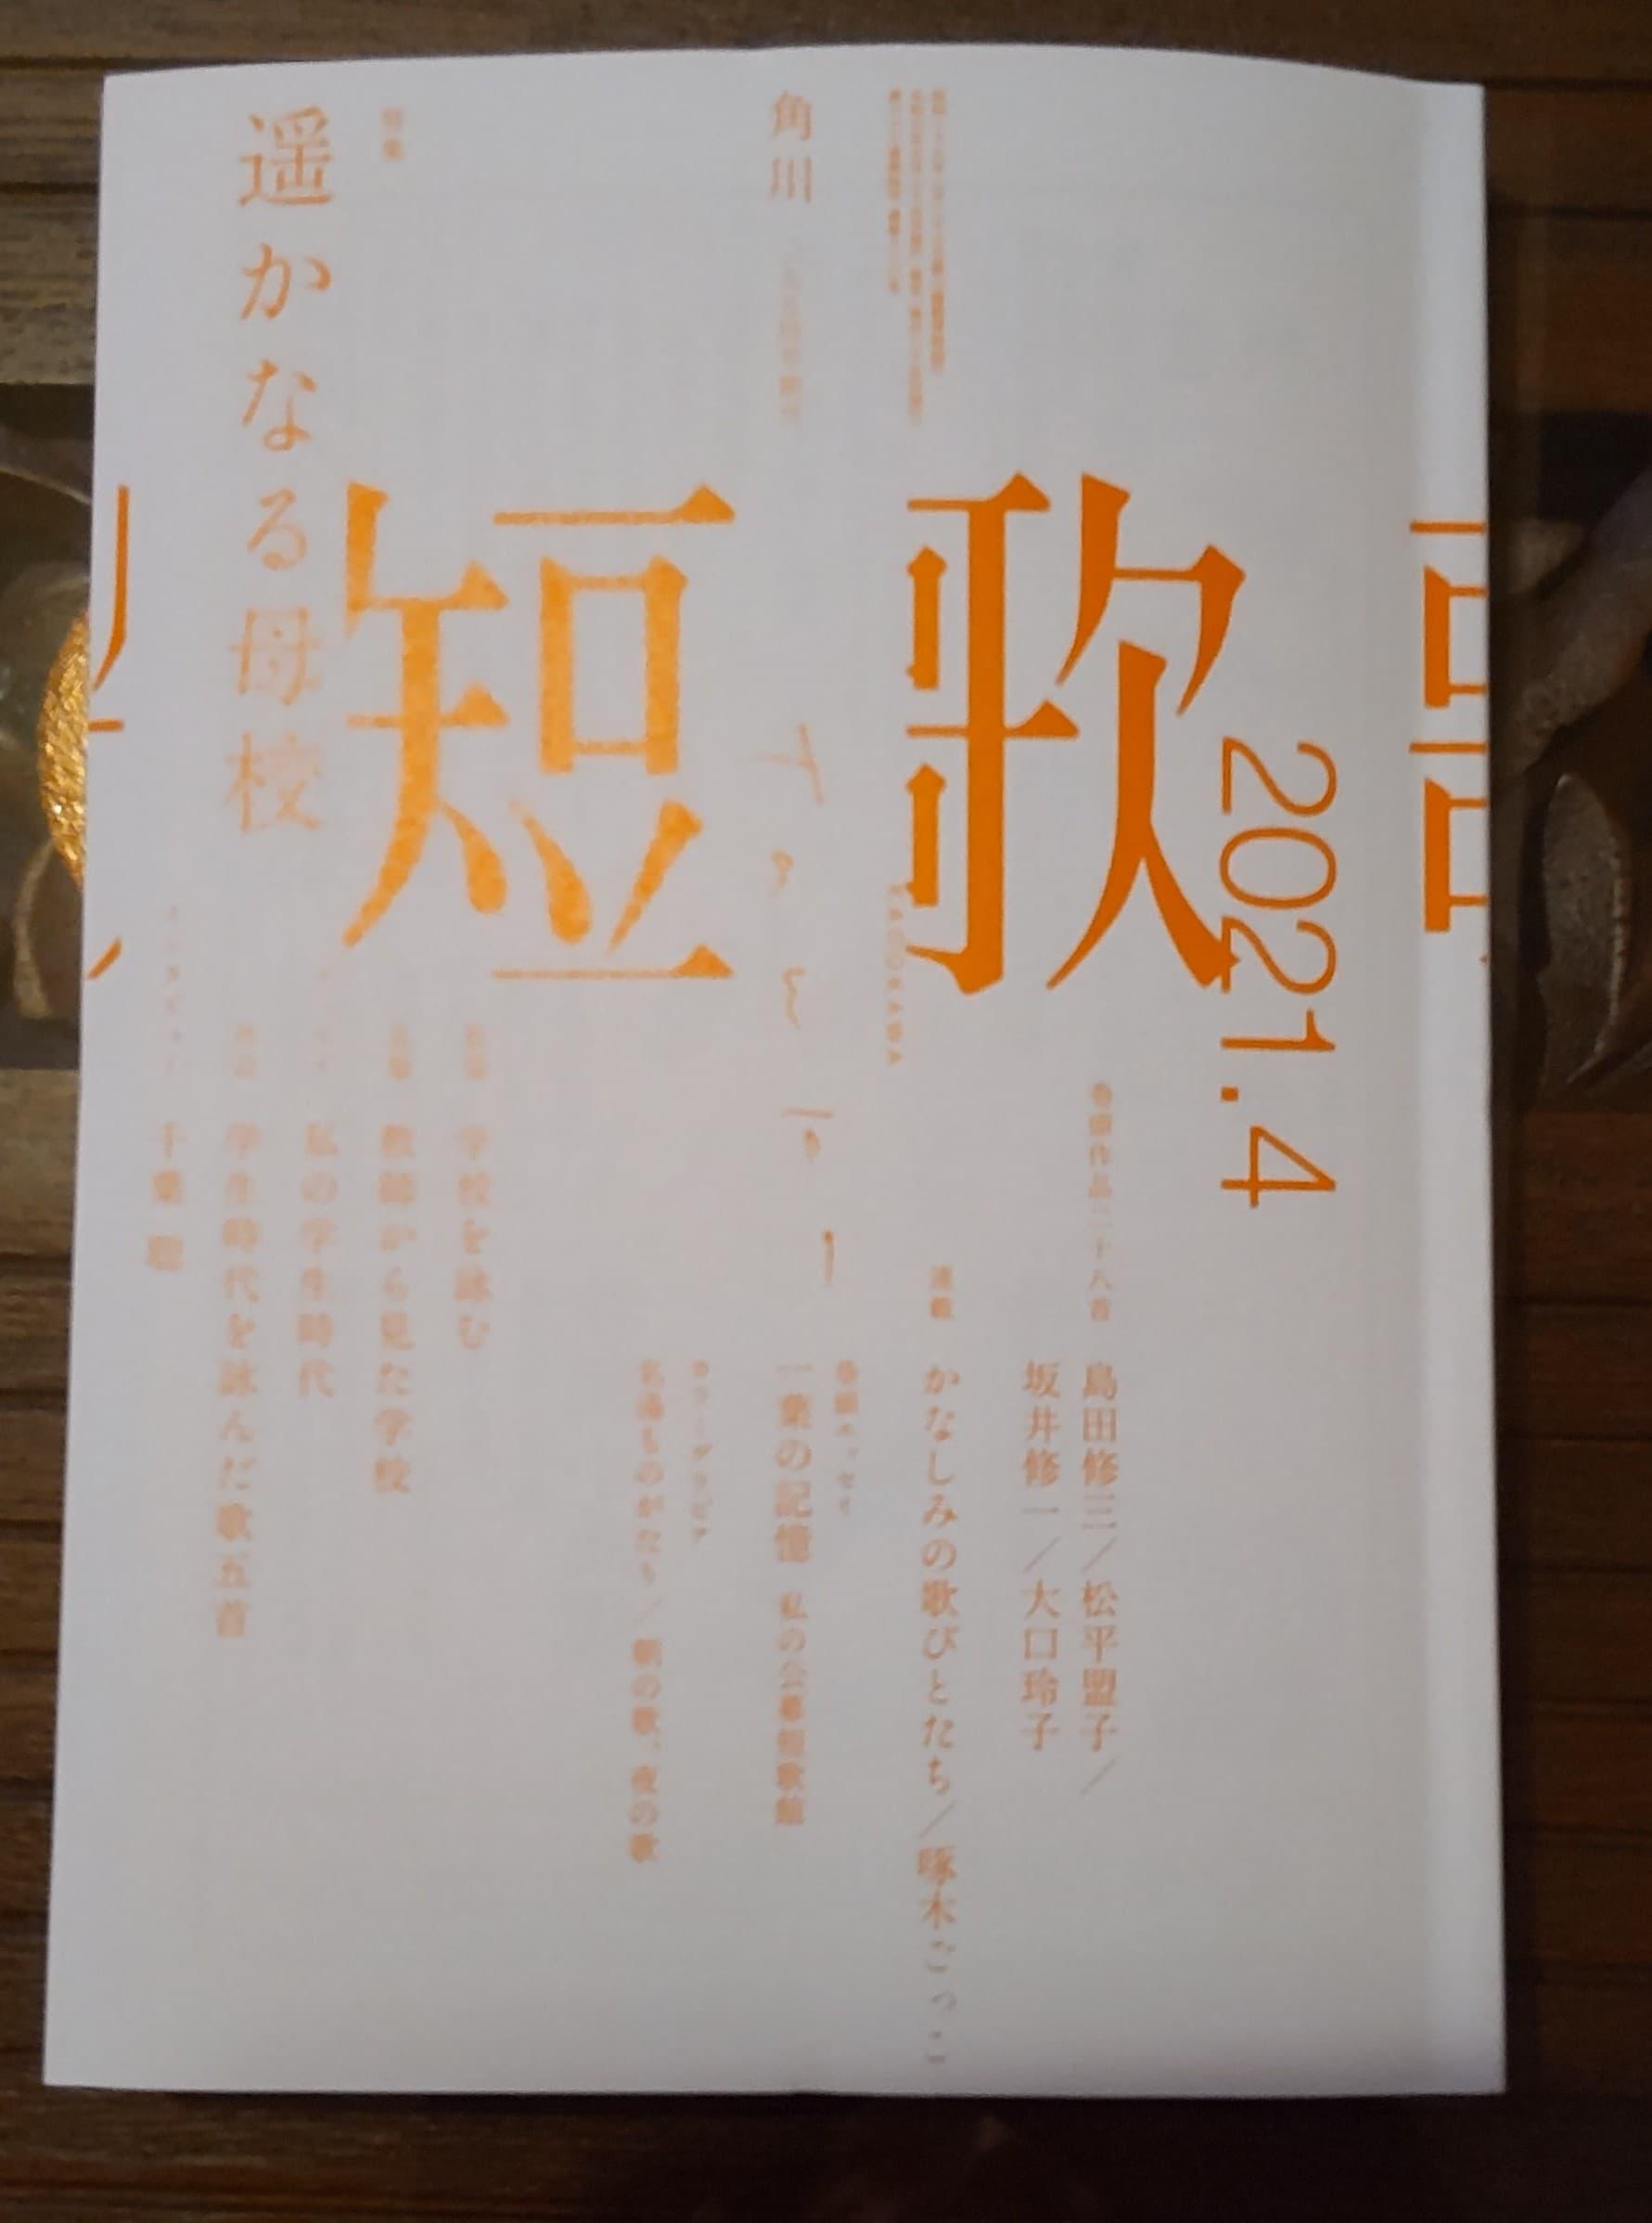 20210325_kadokawa_tanka_01-min.jpg